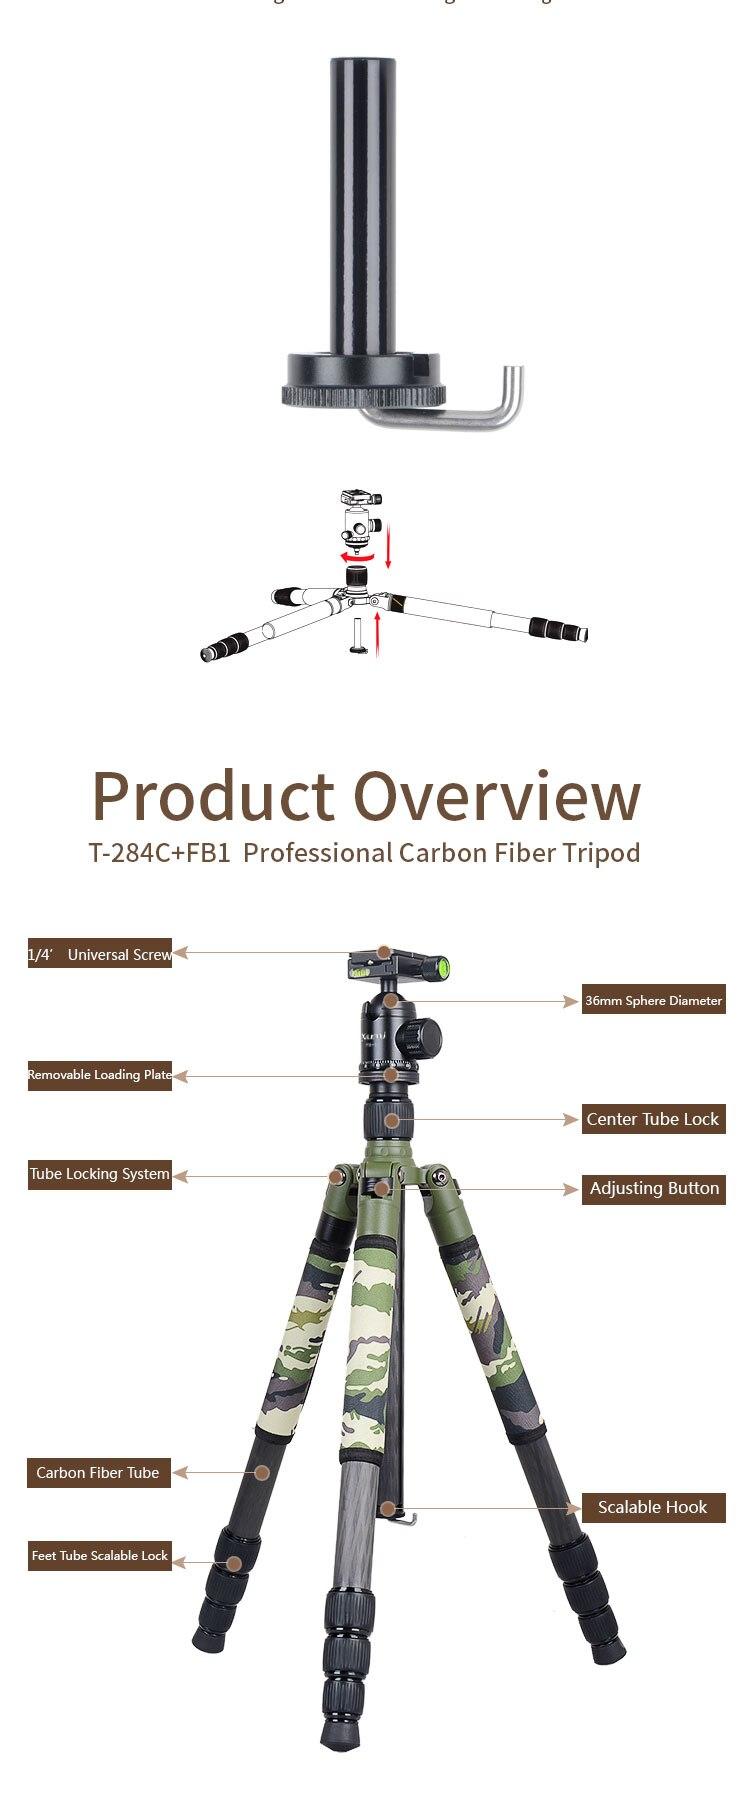 T-284C+FB1__02